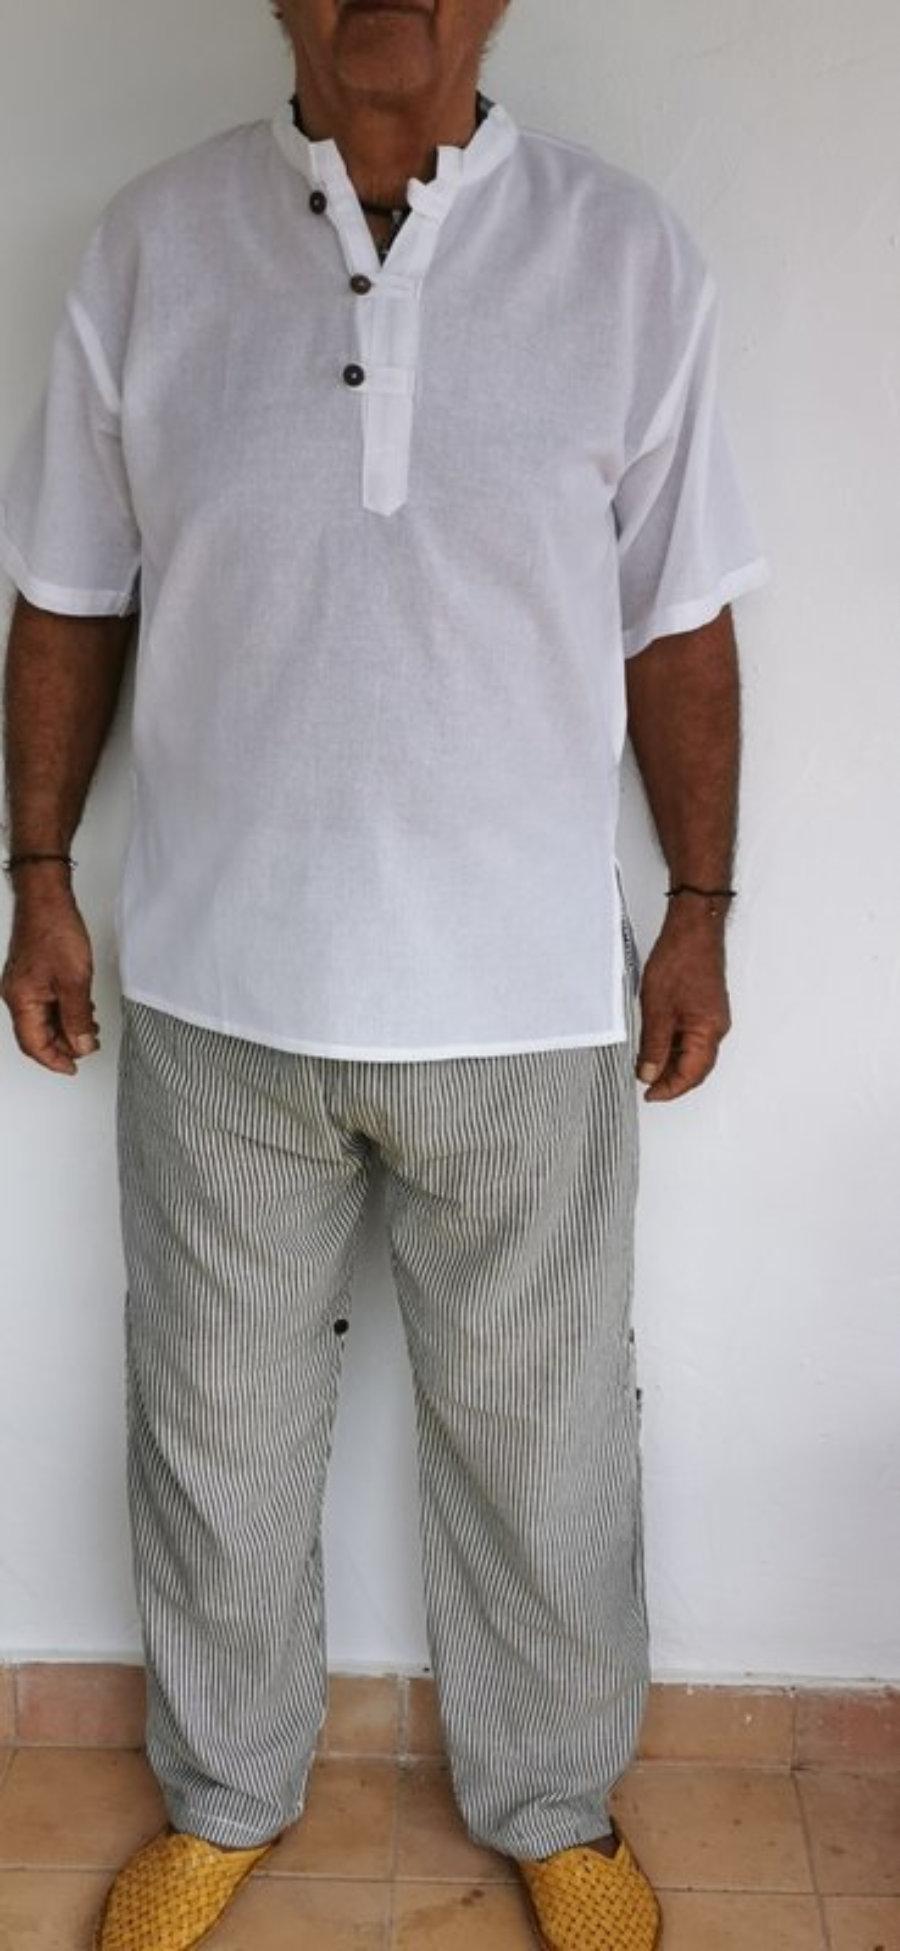 pantalón sahara